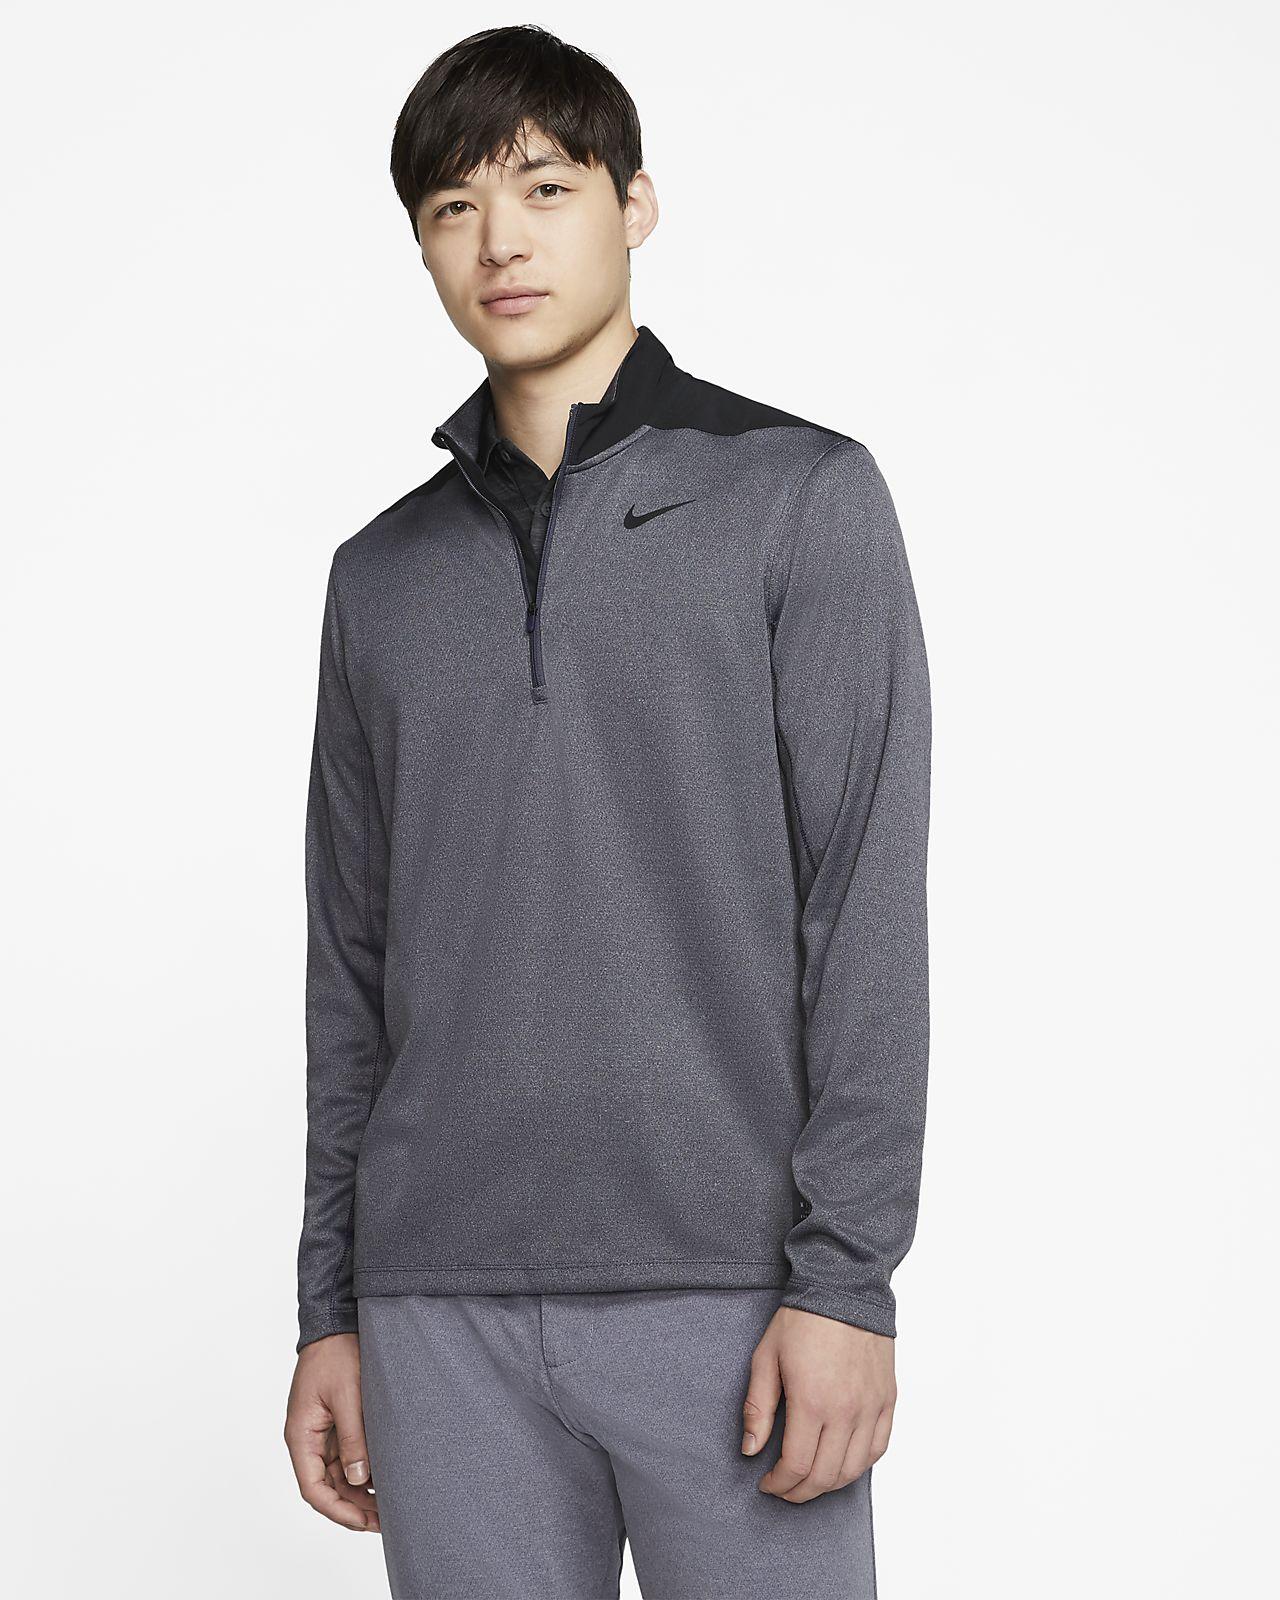 ナイキ Dri-FIT メンズ 1/2ジップ ゴルフトップ